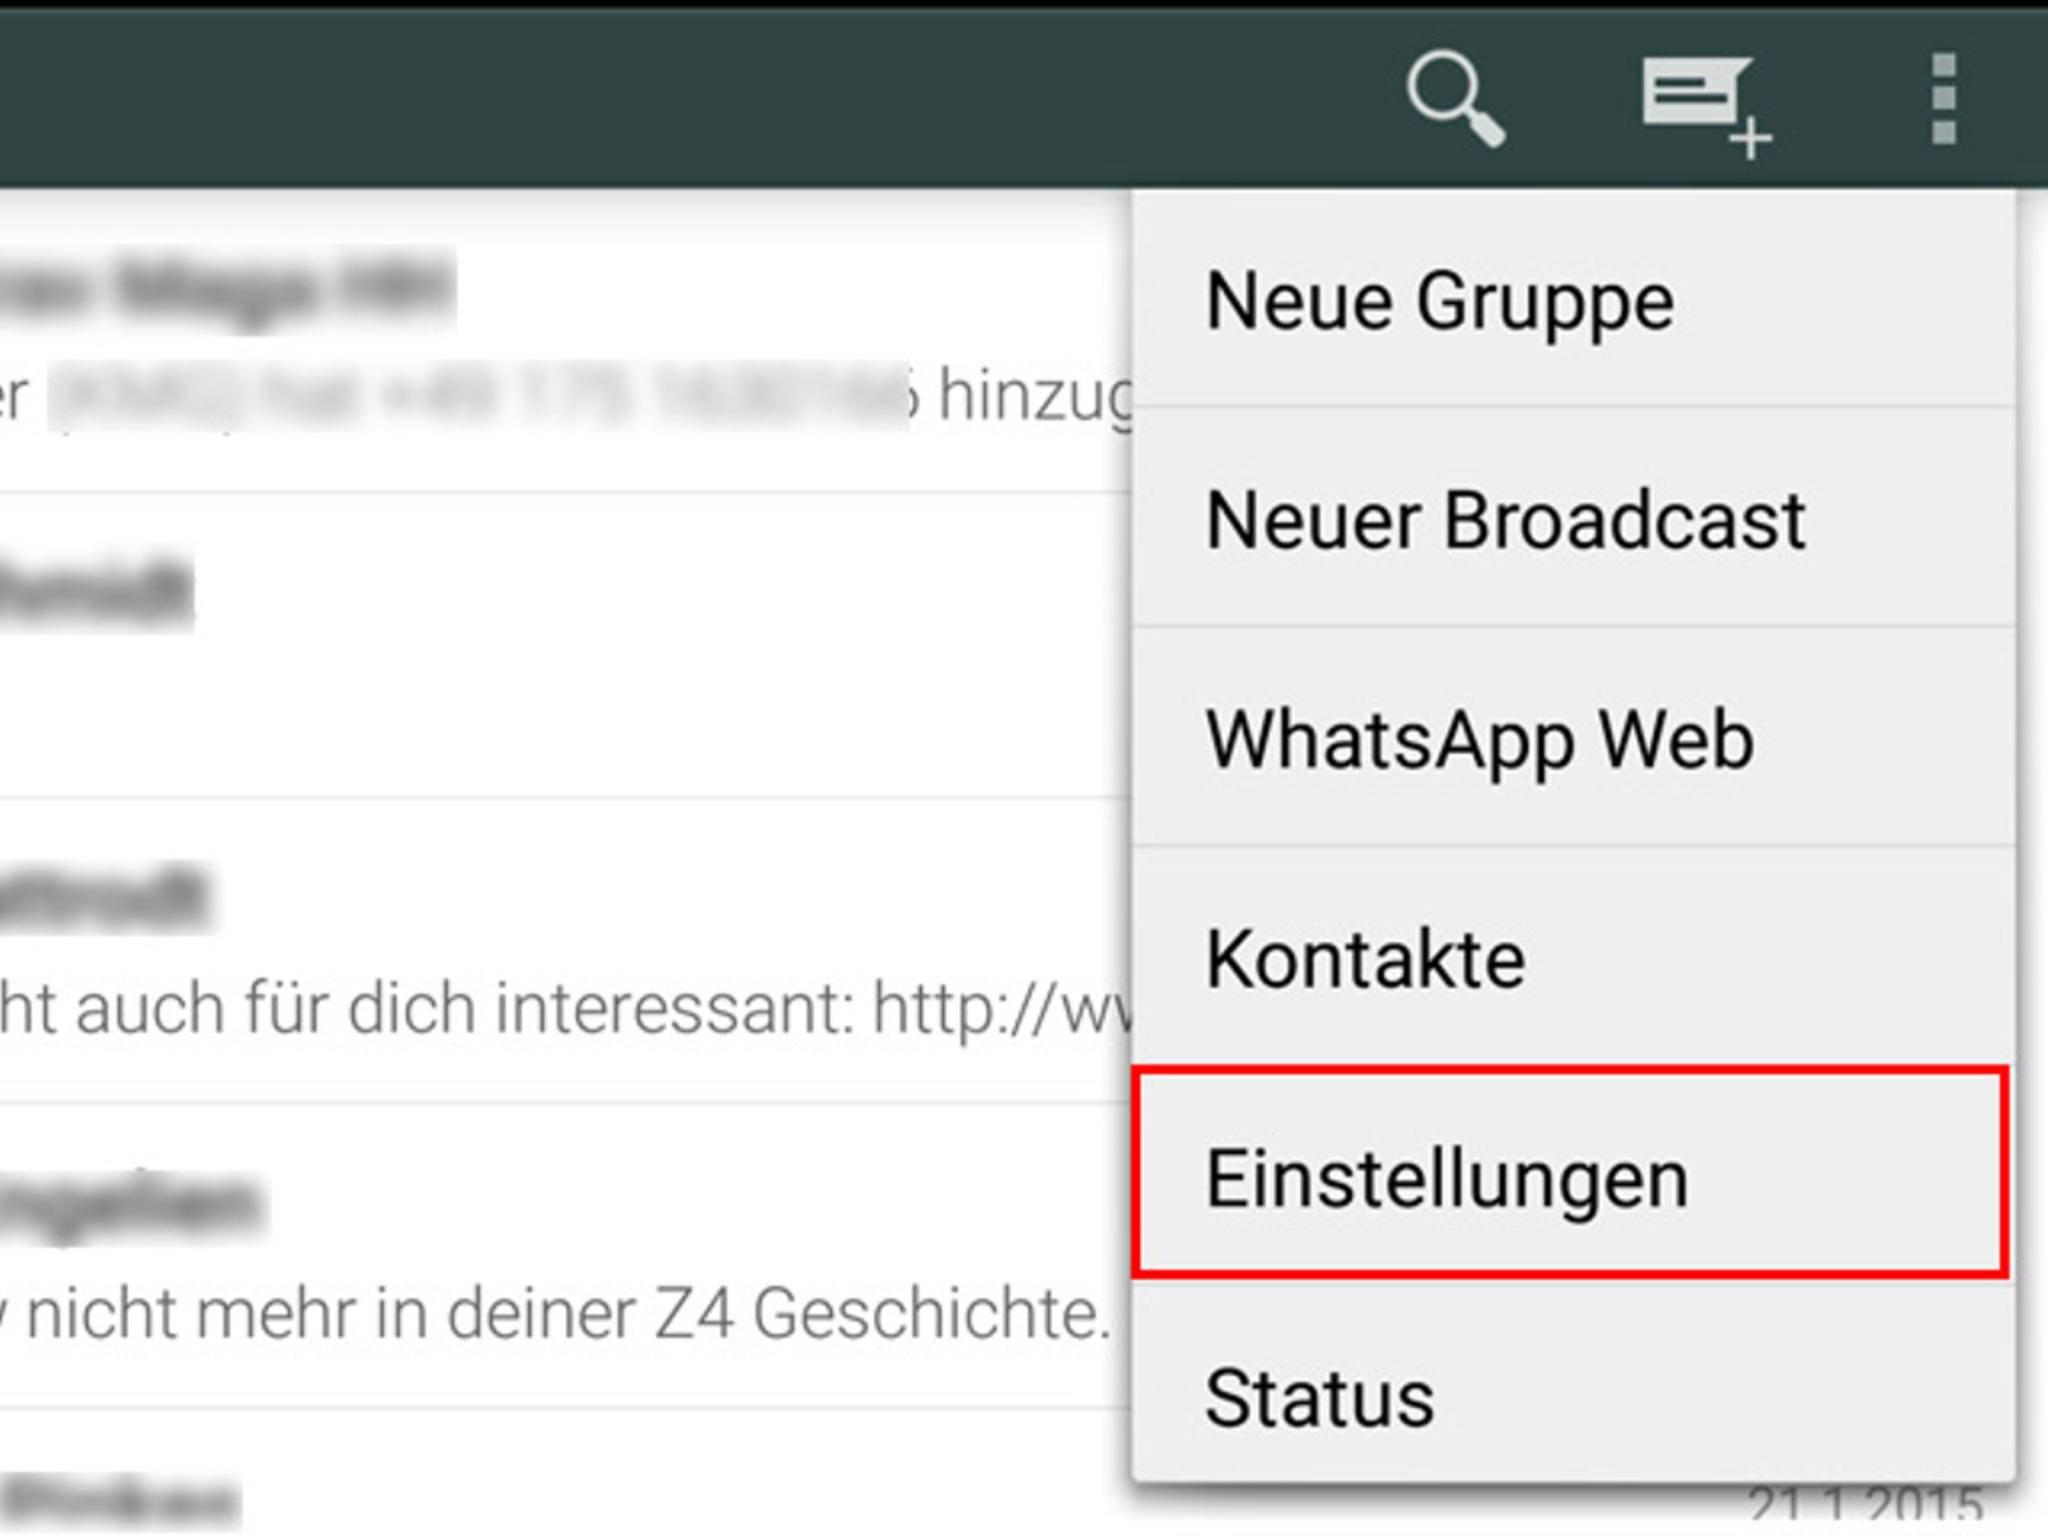 Um Kontakte unter Android zu blockieren, musst Du in die Einstellungen gehen...